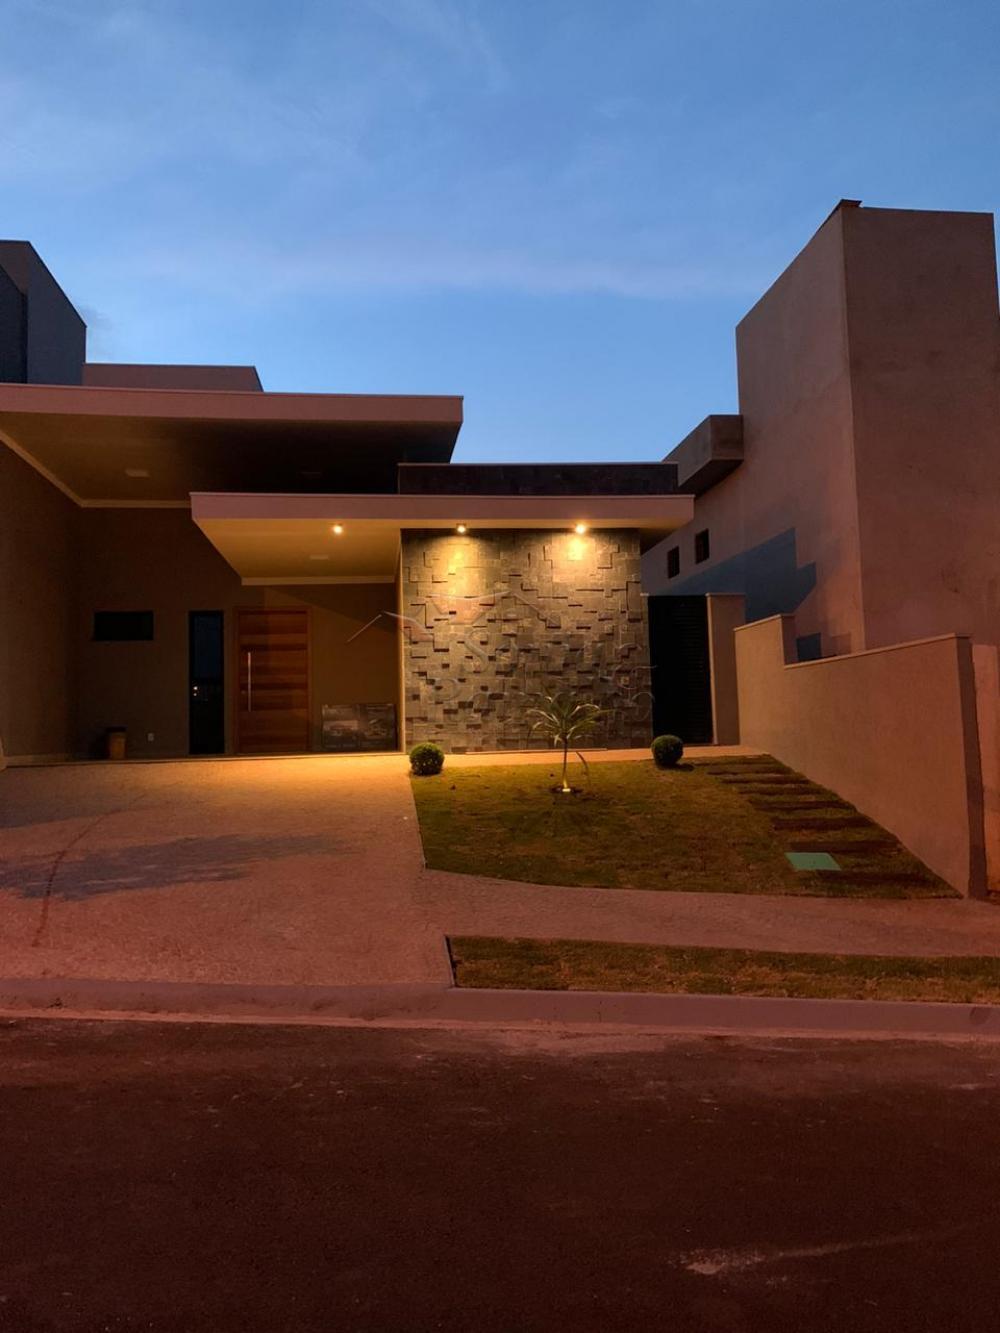 Comprar Casas / casa condominio em Bonfim Paulista apenas R$ 730.000,00 - Foto 3